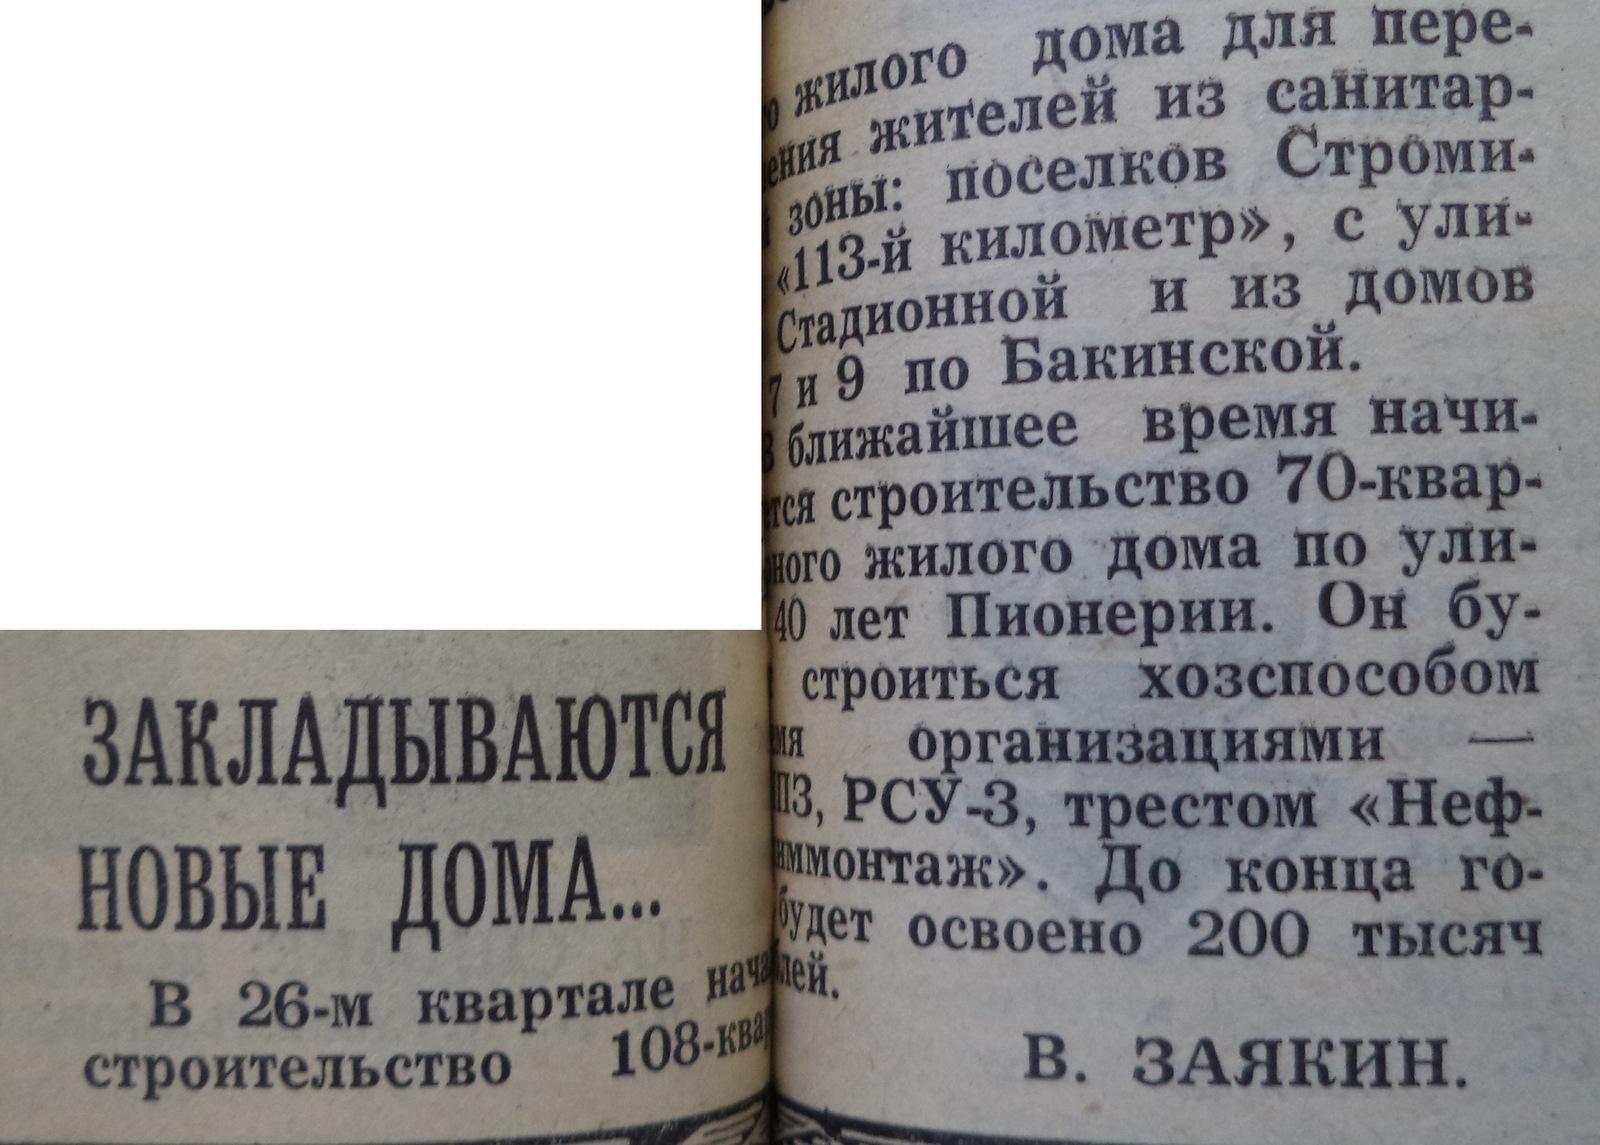 Стадионная-ФОТО-07-За Прогресс-1985-22 октября